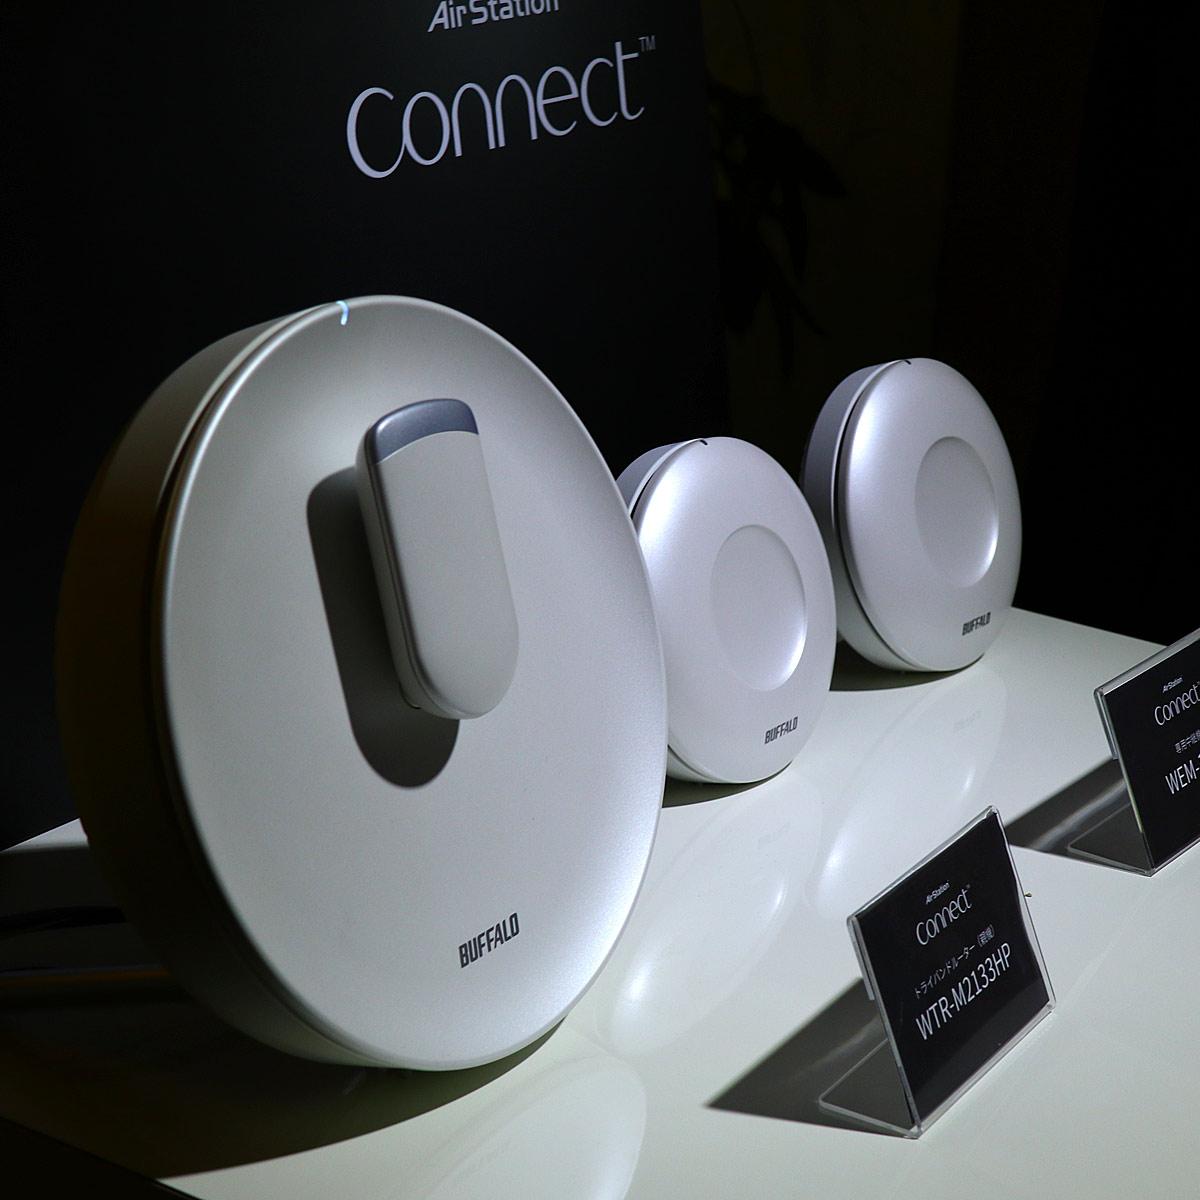 バッファローが新Wi-Fiブランド「AirStation connect」発表! メッシュネットワークに対応